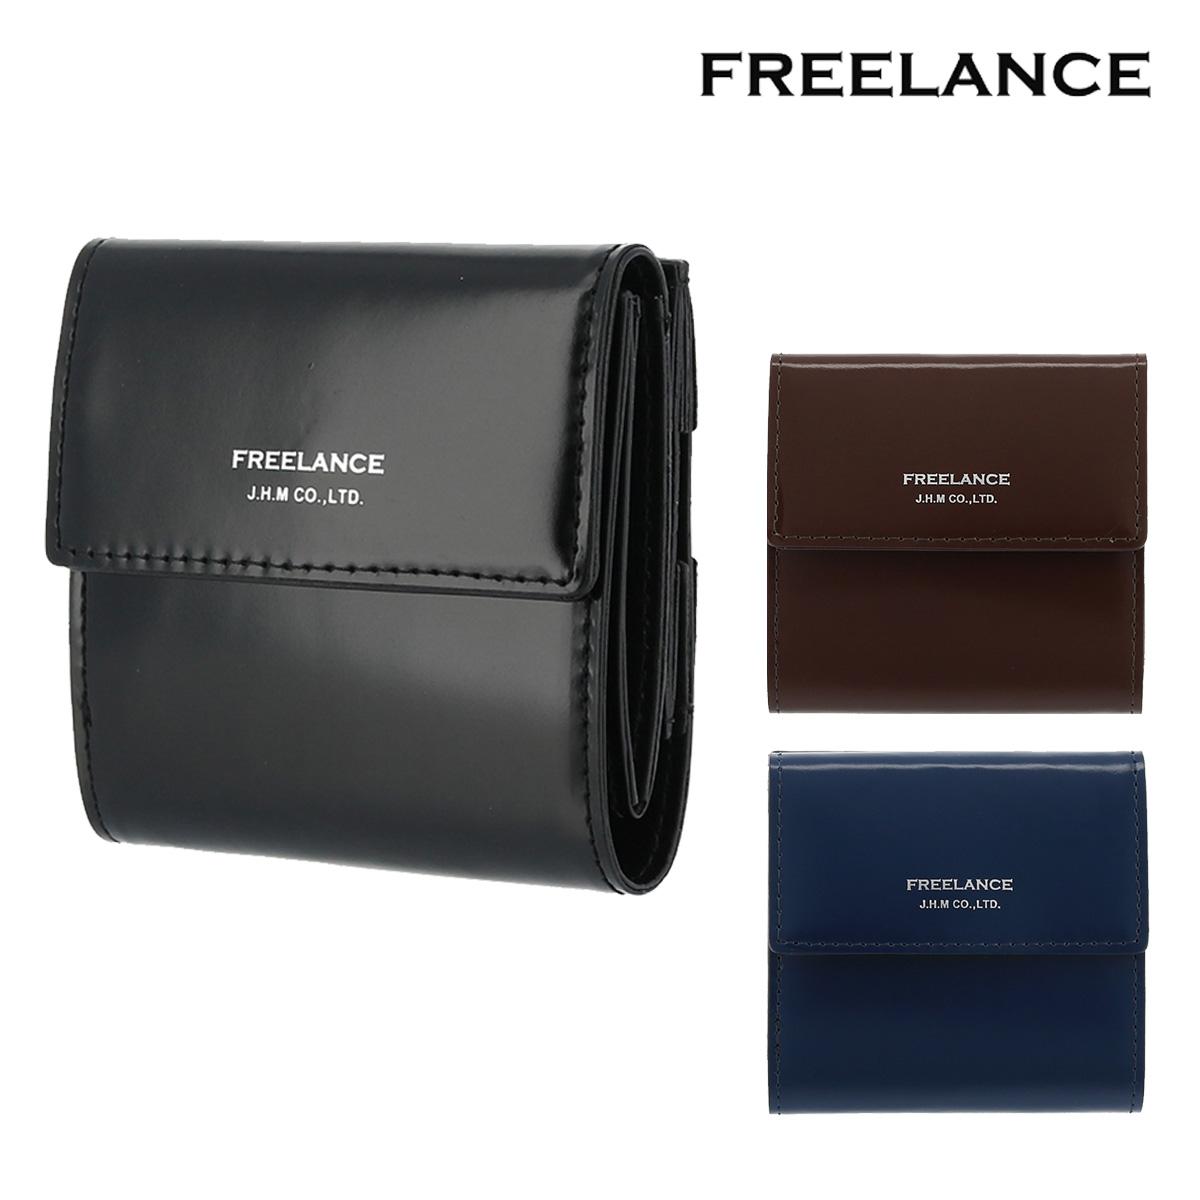 フリーランス財布 メンズ 二つ折り FL-098 FREELANCE | ミニ財布 本革 レザー ブランド専用BOX付き[bef][即日発送]